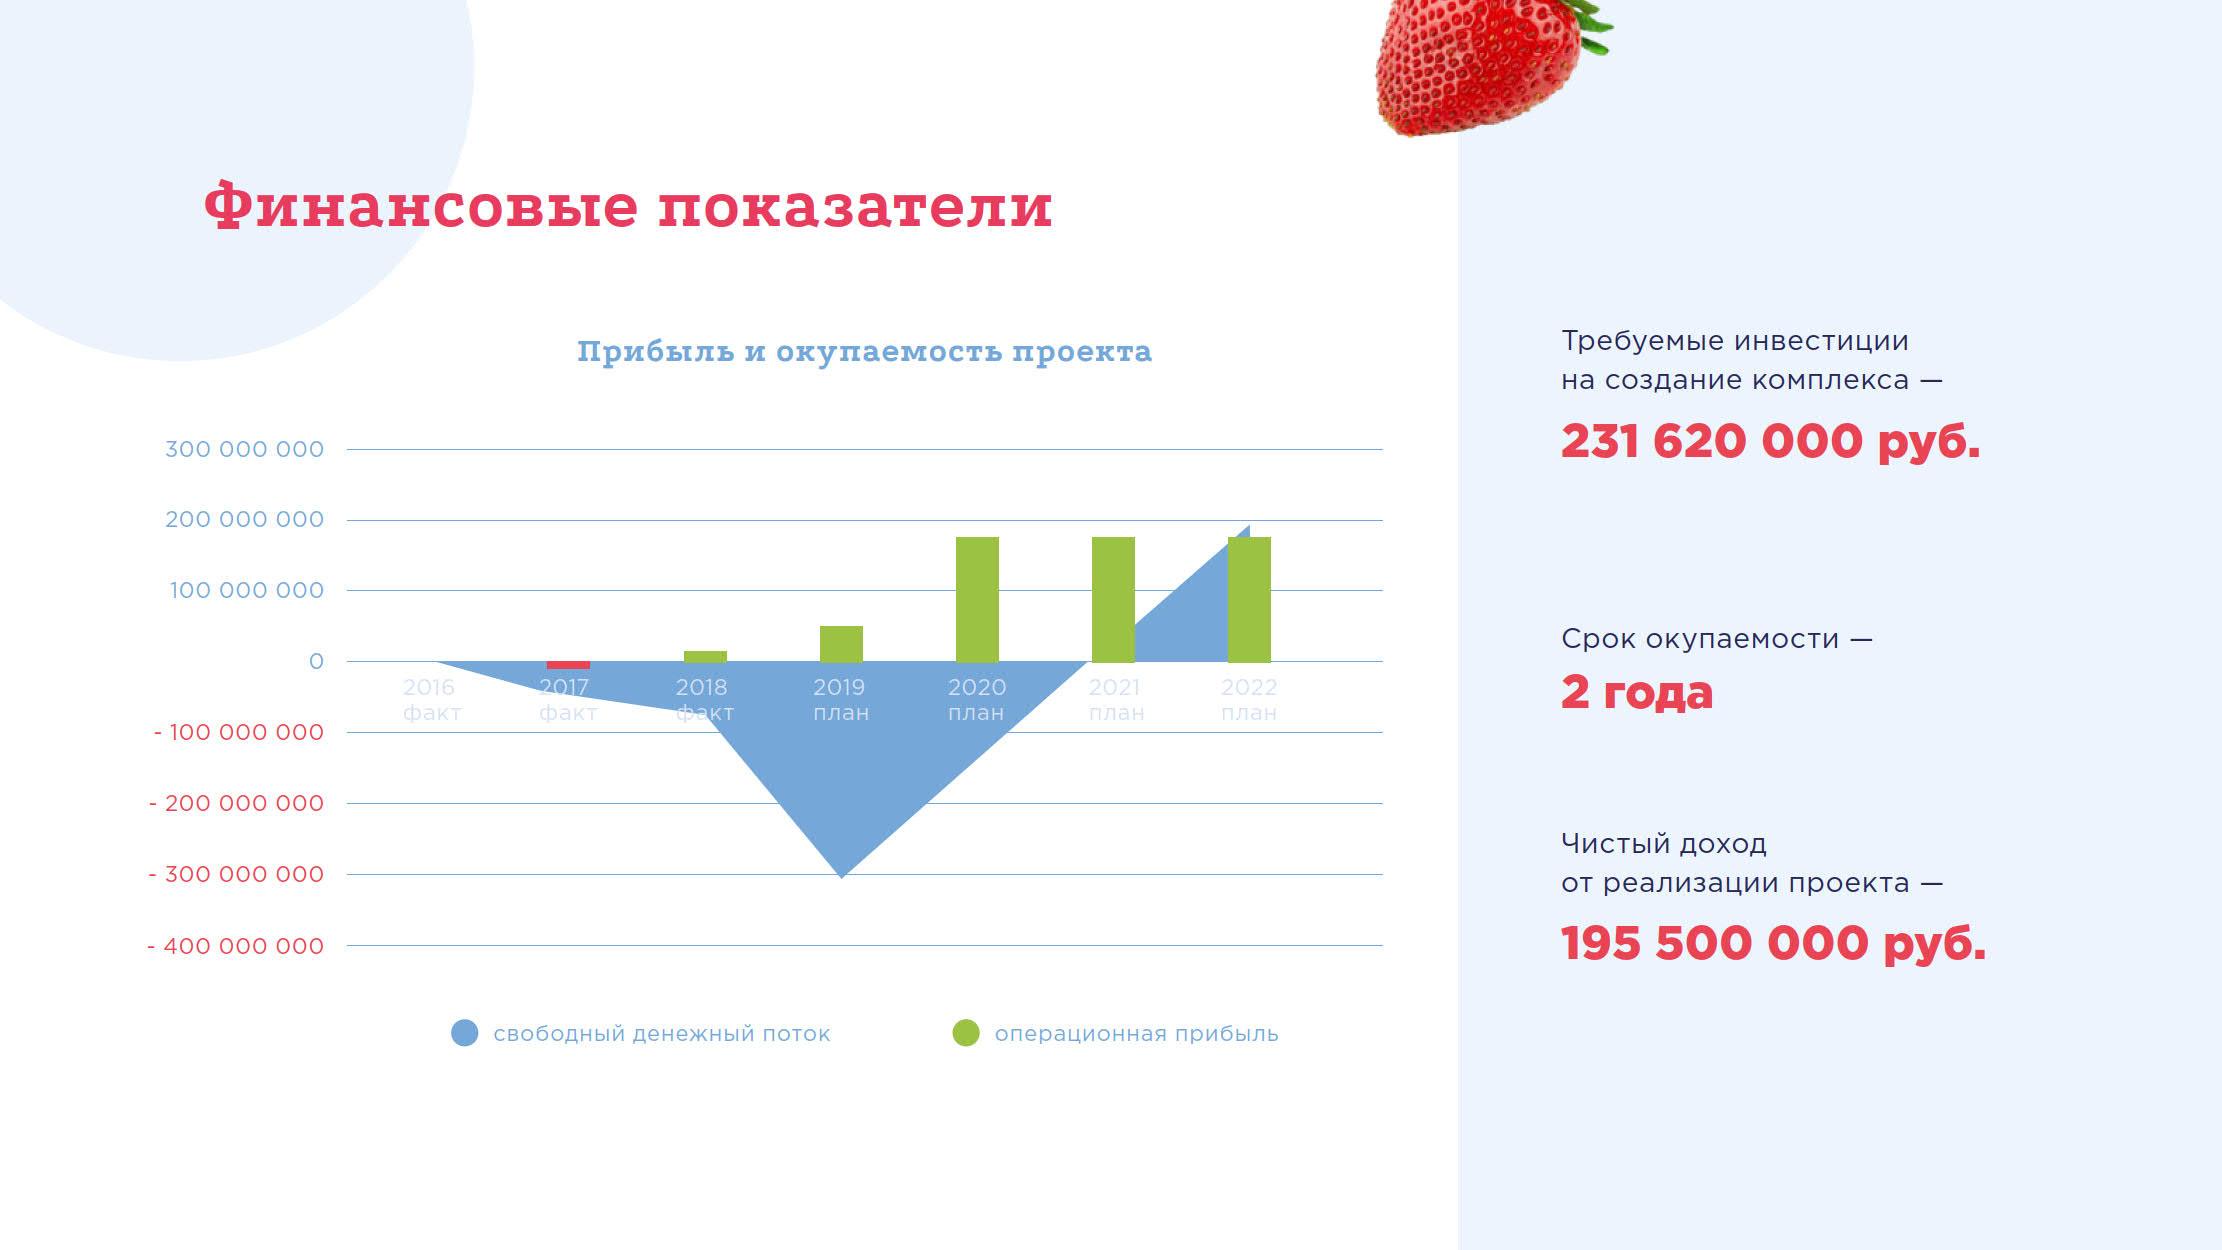 Презентация проекта создания ягодного кластера для спонсоров